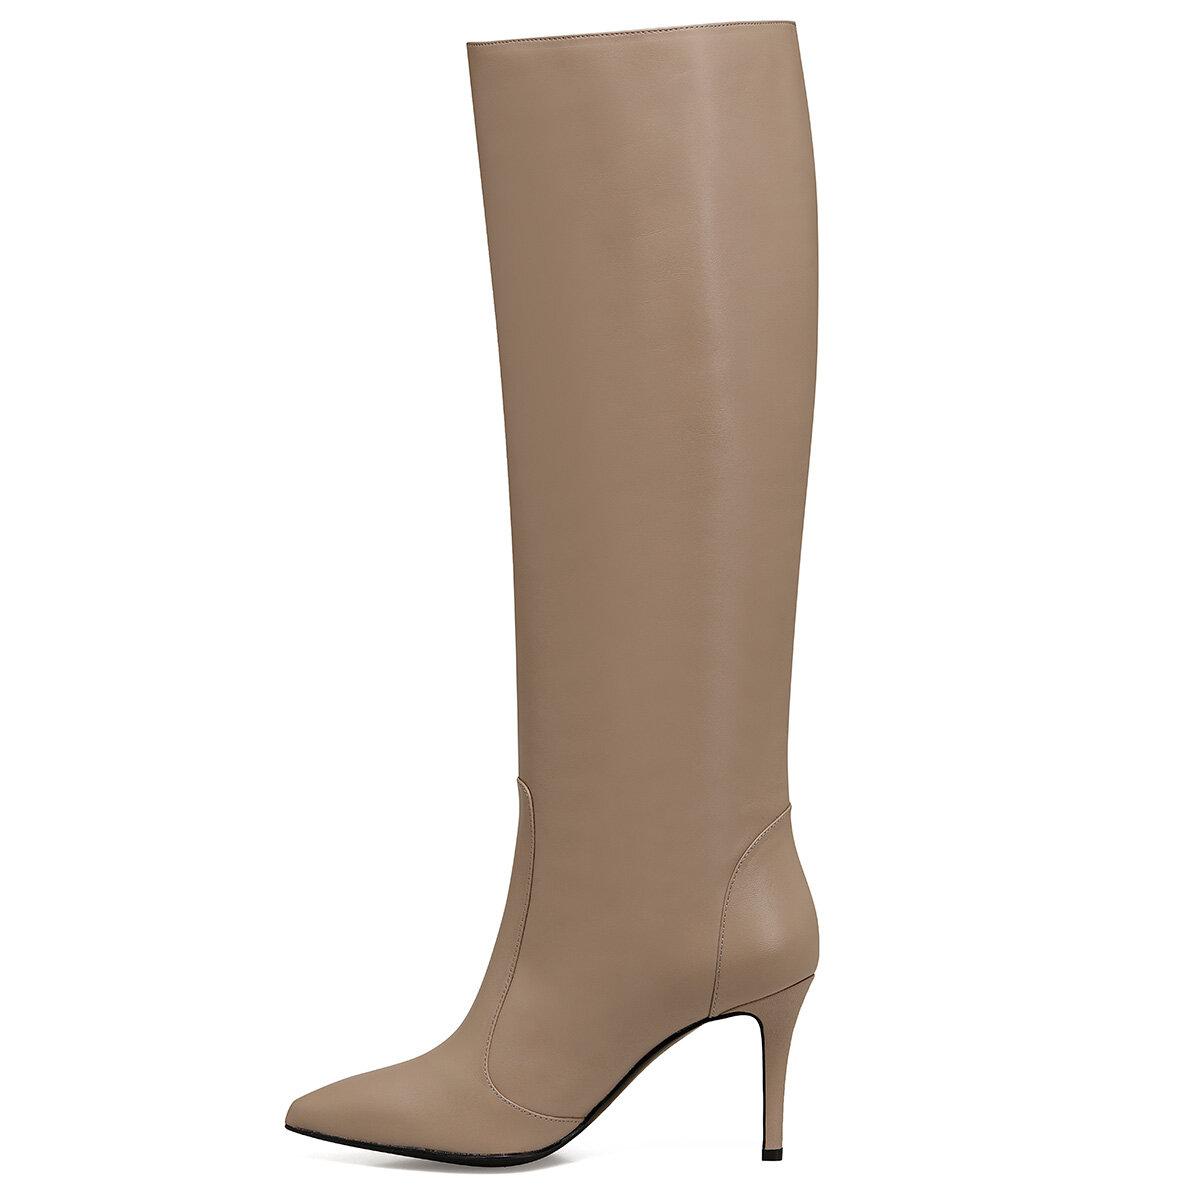 TERRA Naturel Kadın Topuklu Çizme